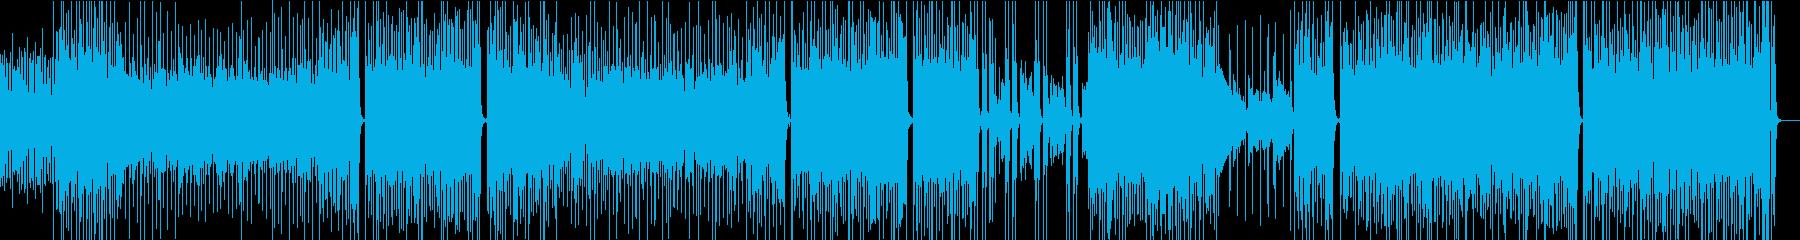 陽気なカリプソ/生音サックス&フルートの再生済みの波形